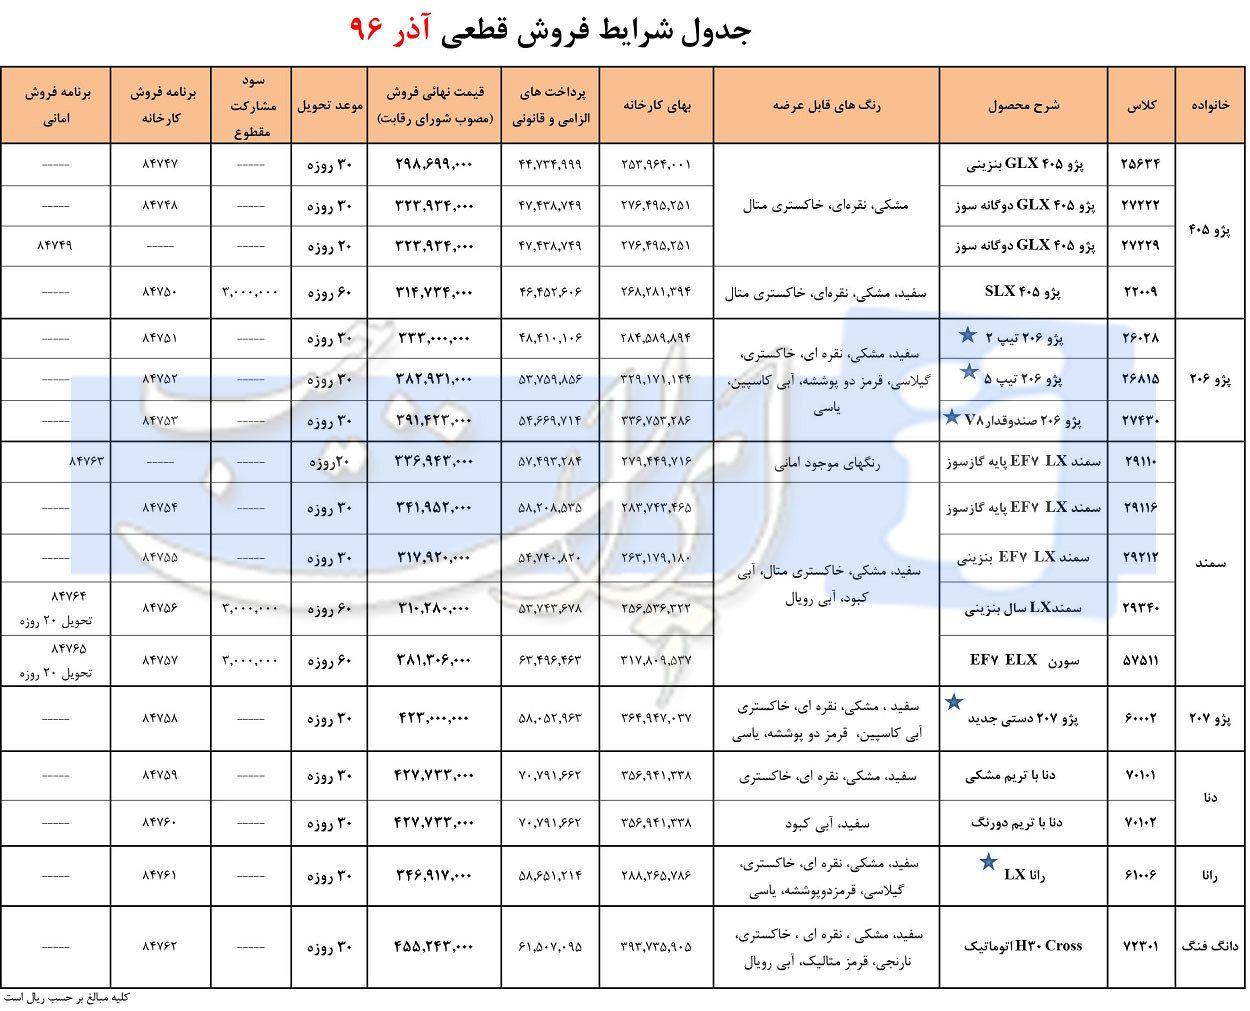 طرح جدید فروش فوری و قطعی محصولات ایران خودرو آذر 96